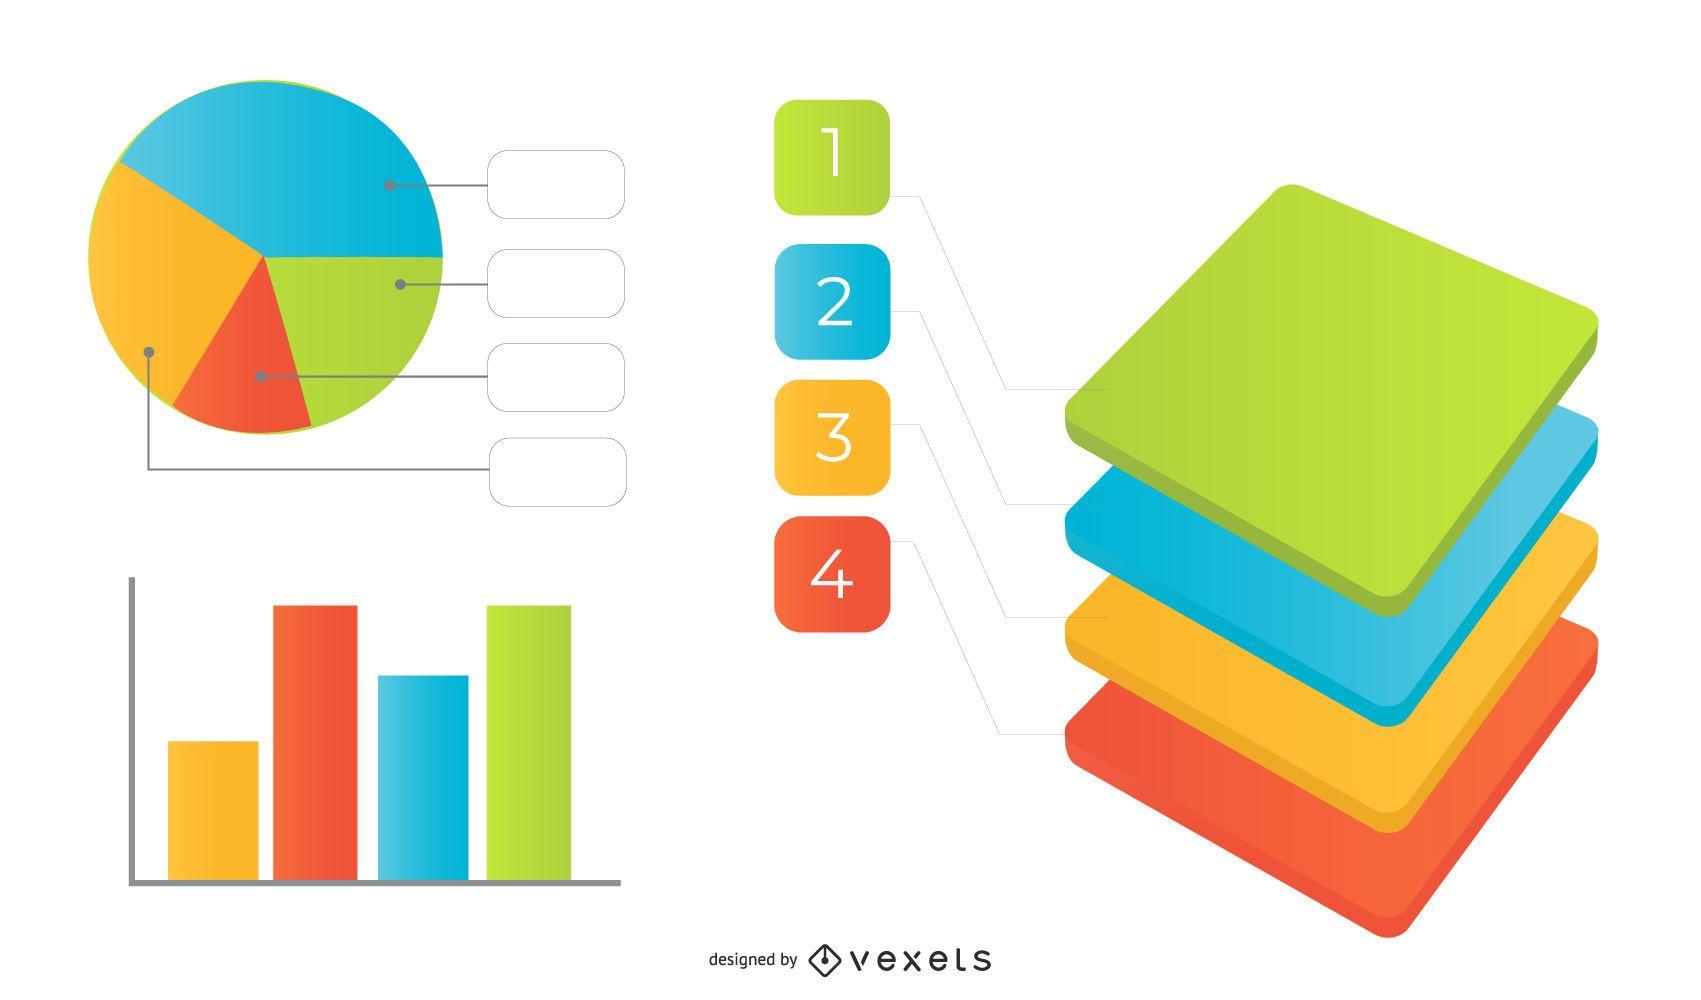 Infografía de 4 cuadrados multicolores